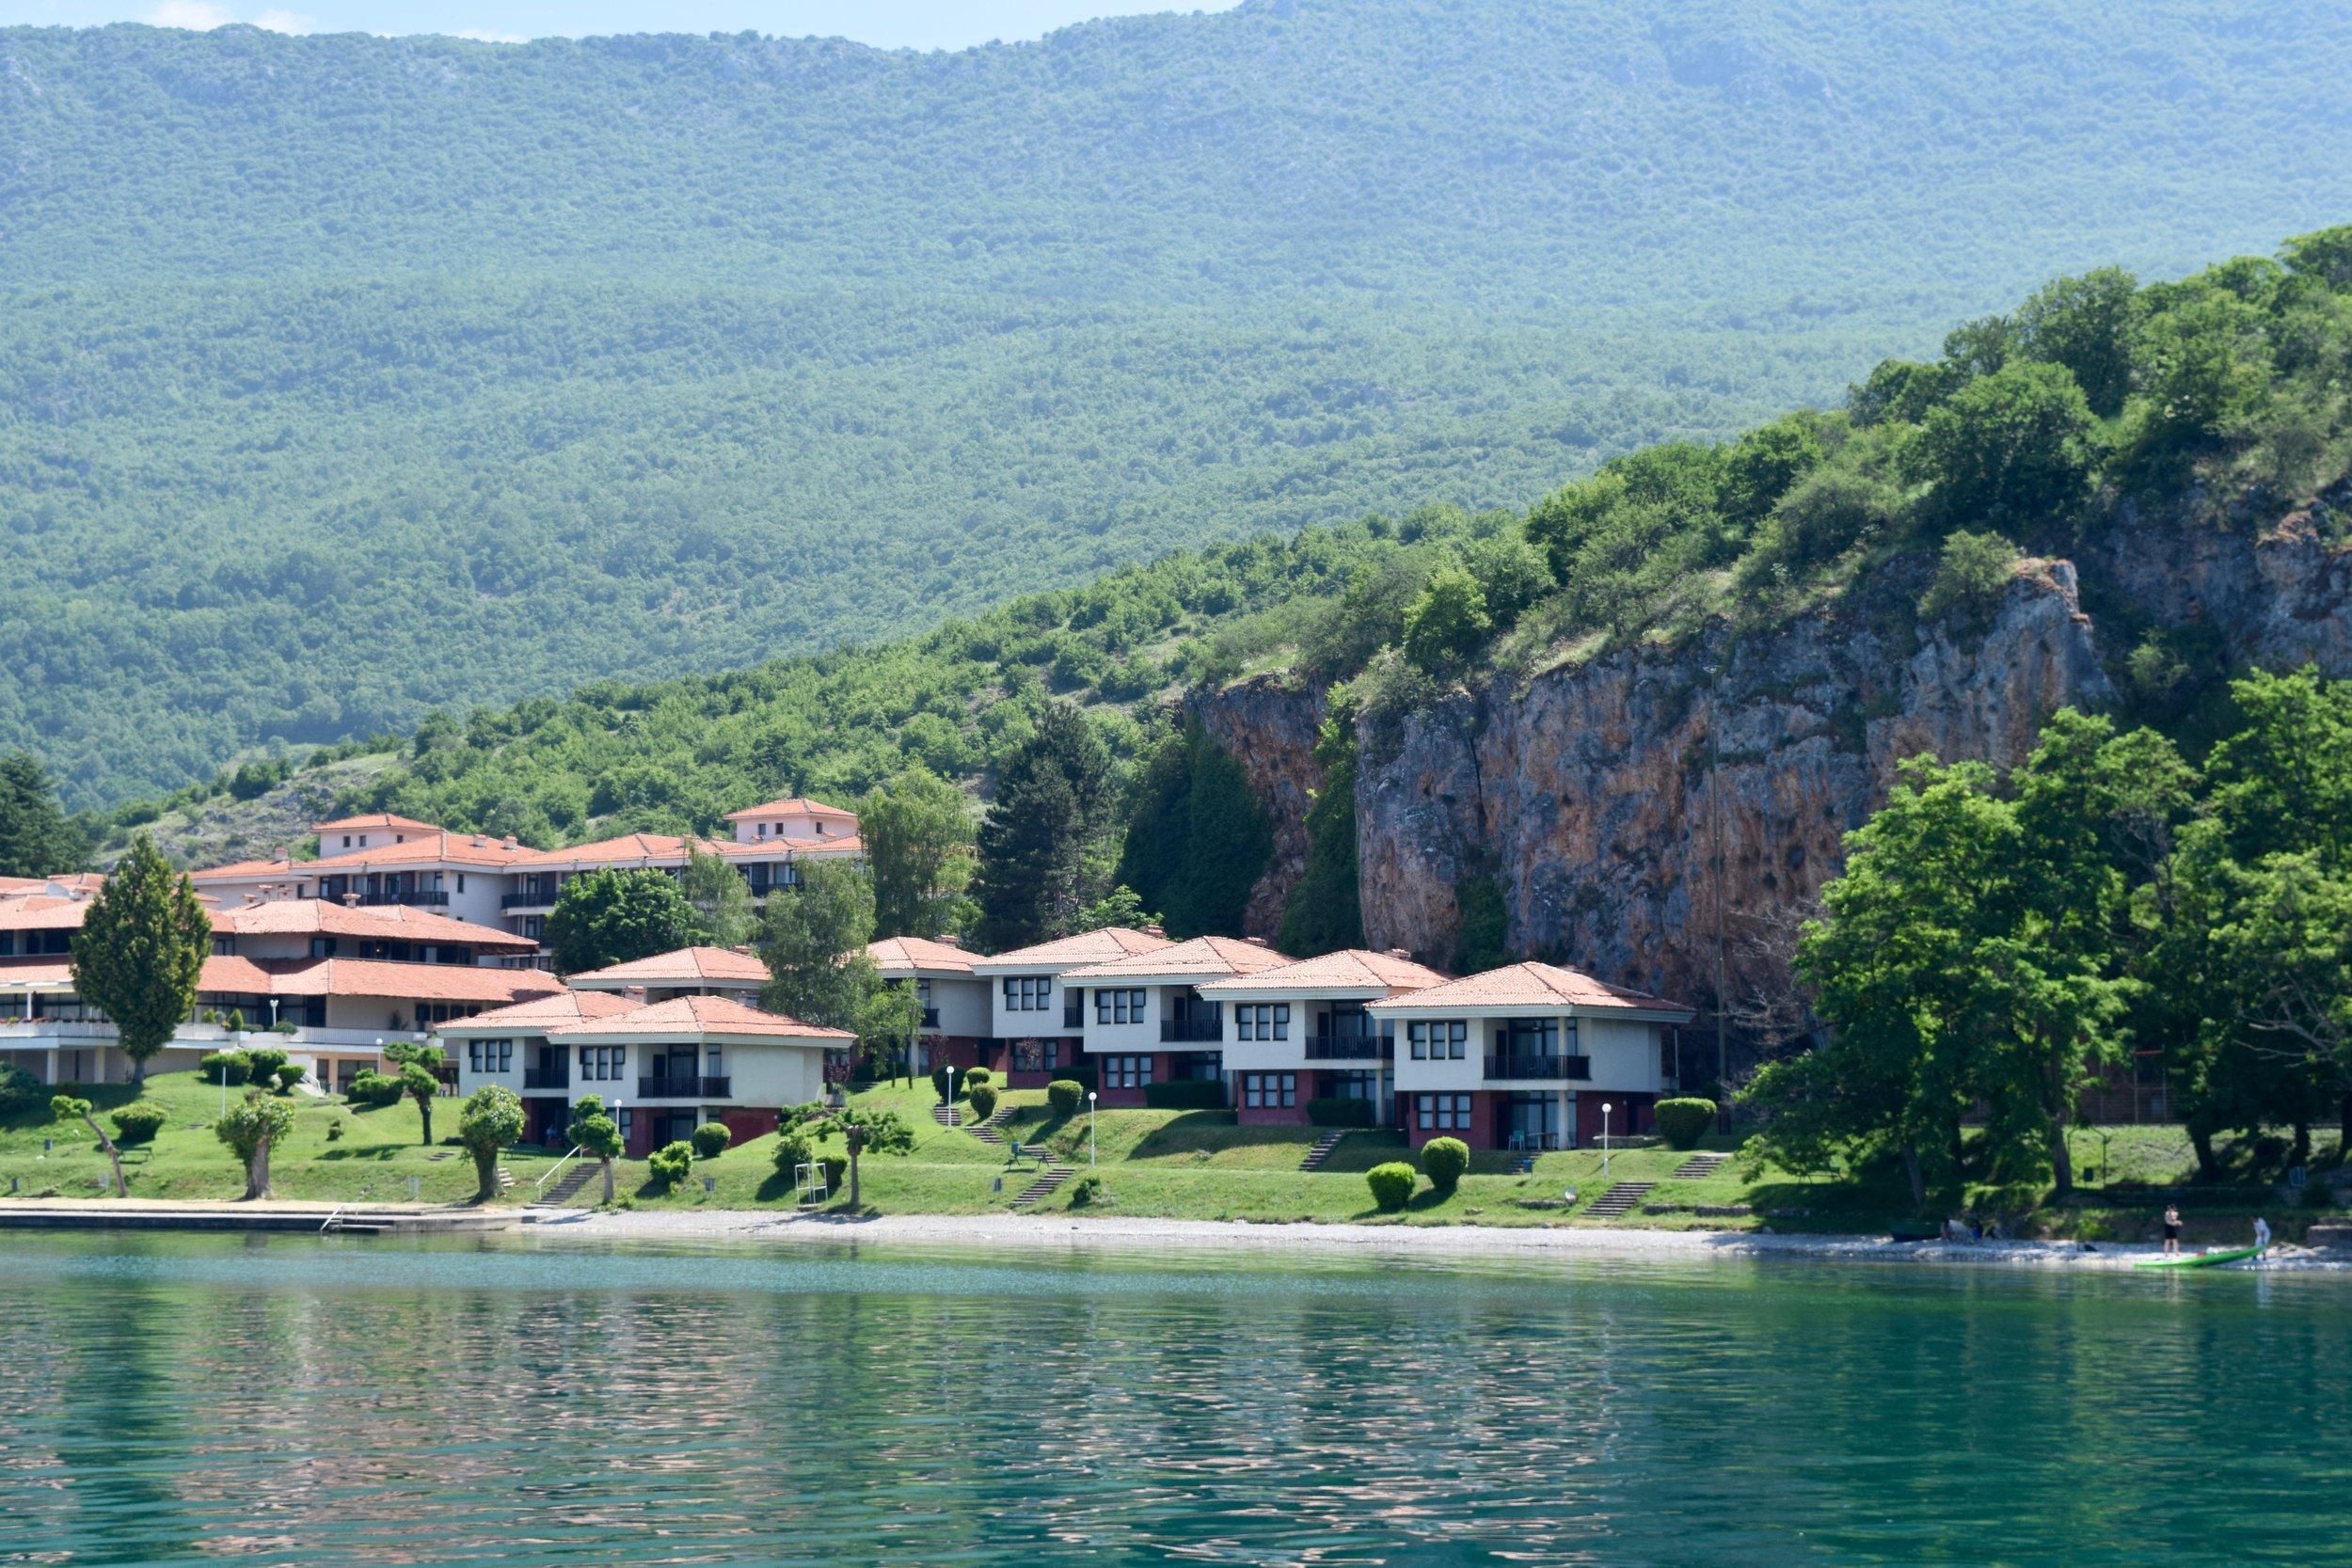 Houses near a cliff